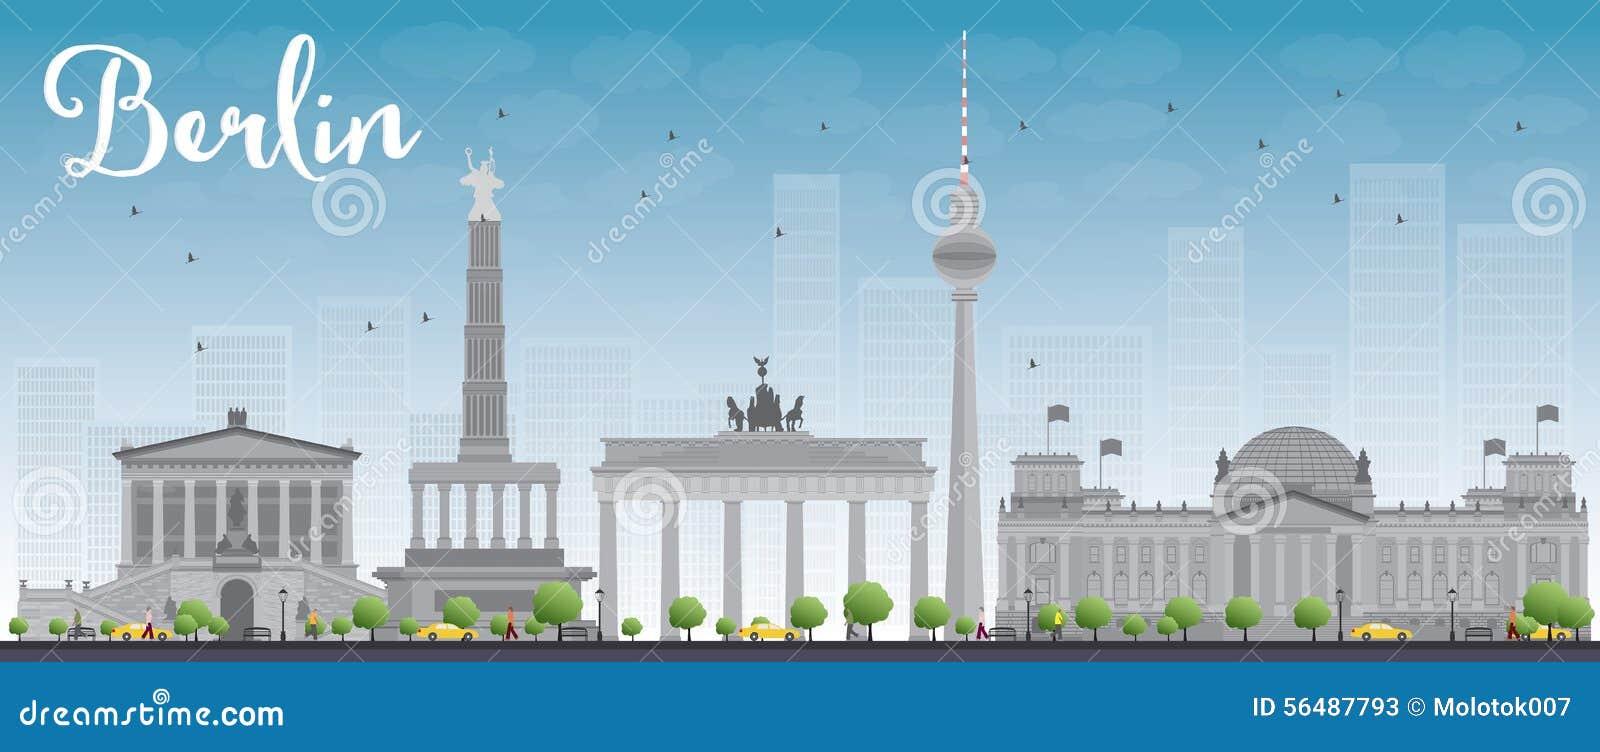 Horizon de Berlin avec le bâtiment gris et le ciel bleu